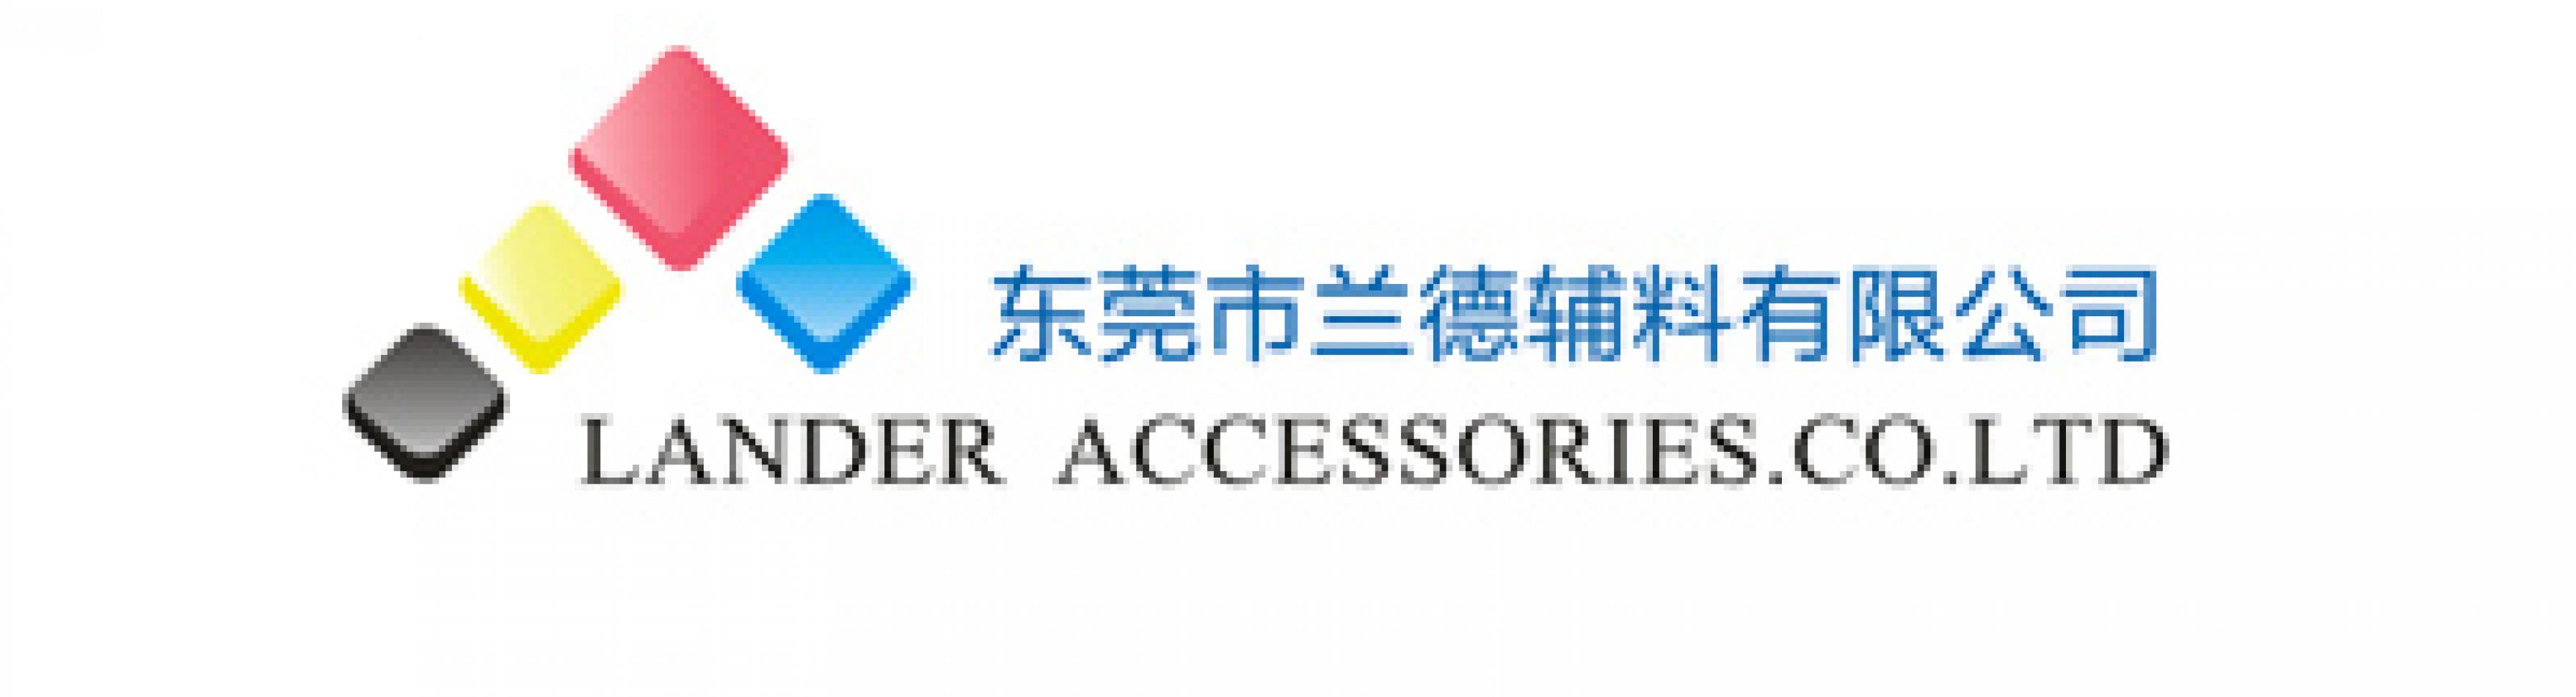 Dongguan Lander garment accessories. CO.,LTD